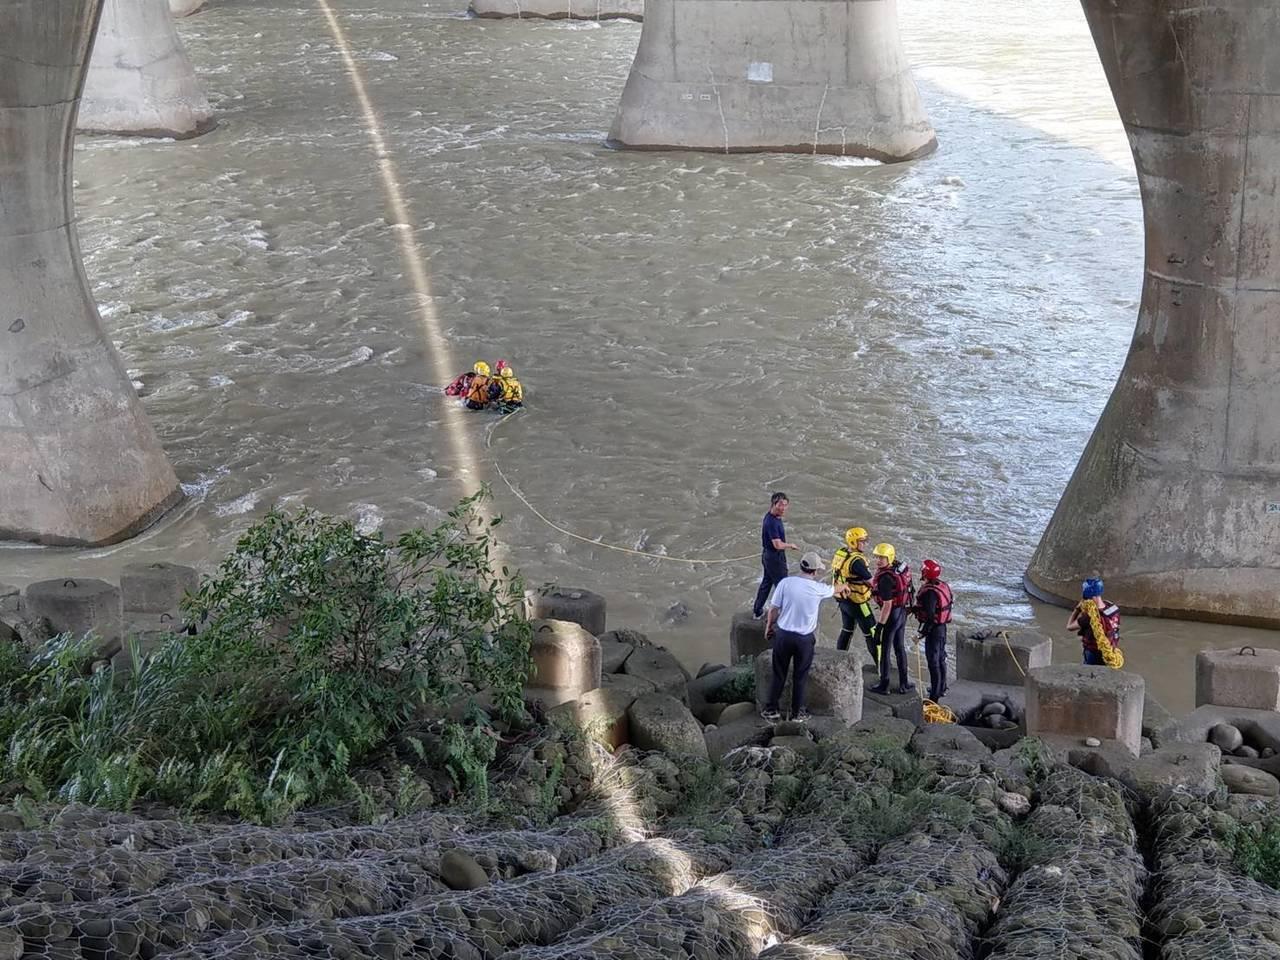 消防隊員涉水將他帶回岸邊。記者林昭彰/翻攝